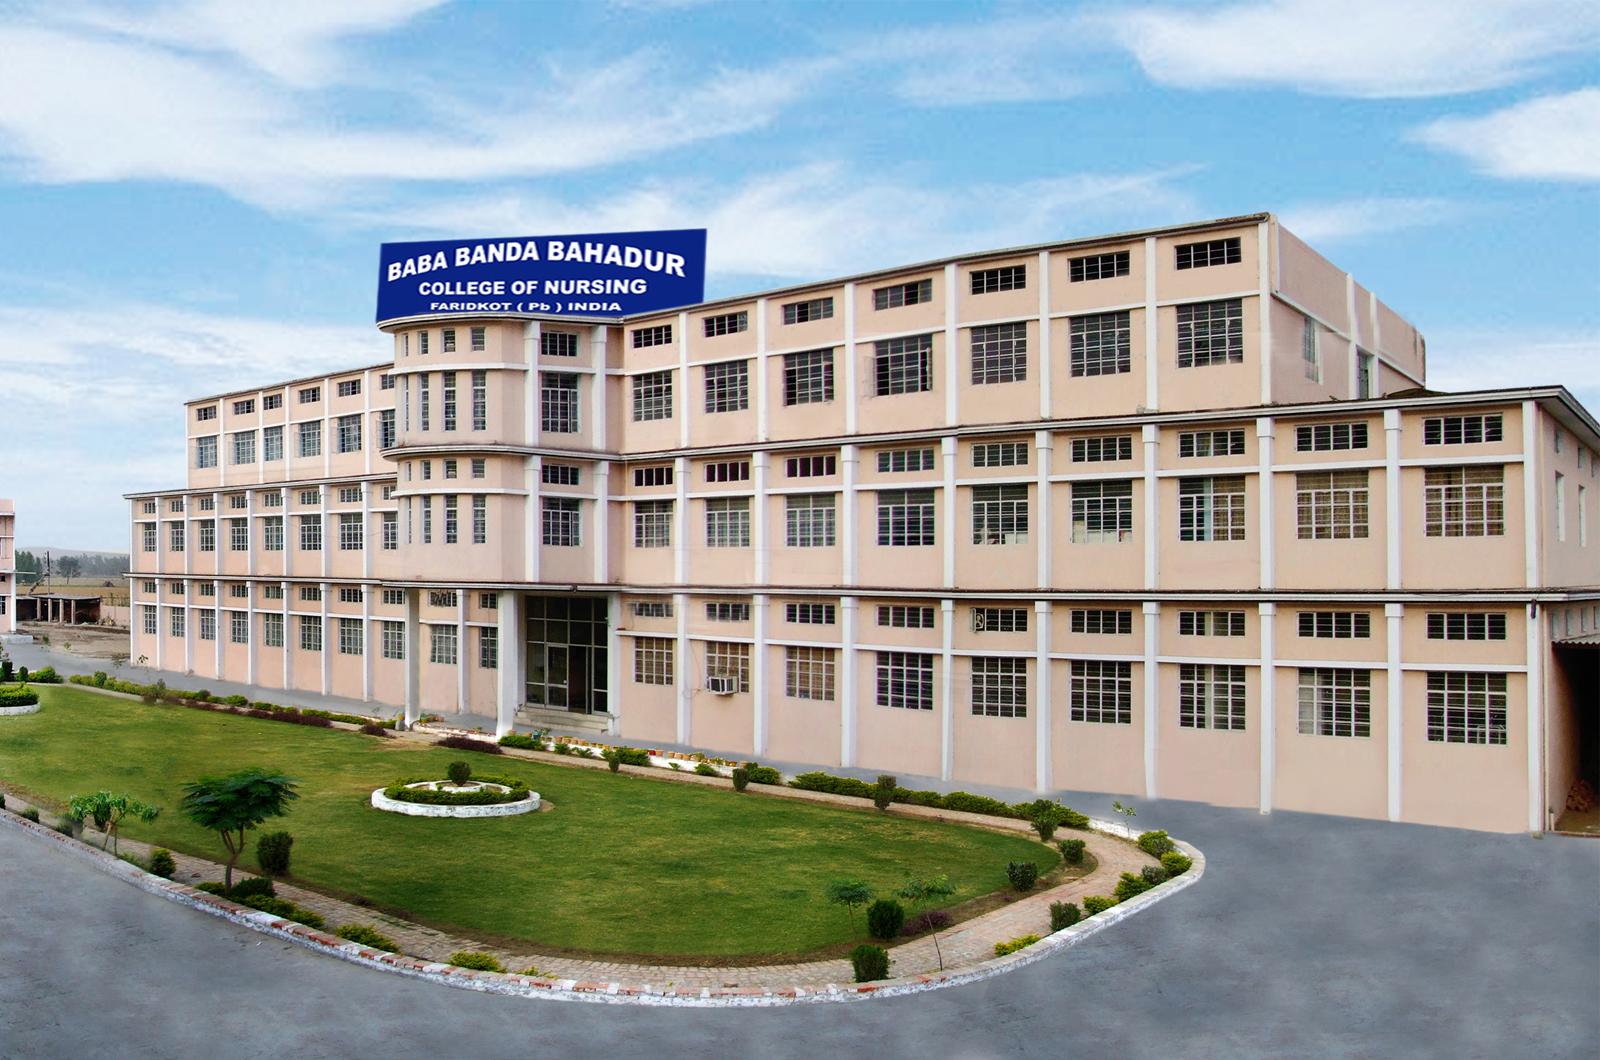 Baba Banda Bahadur School of Nursing